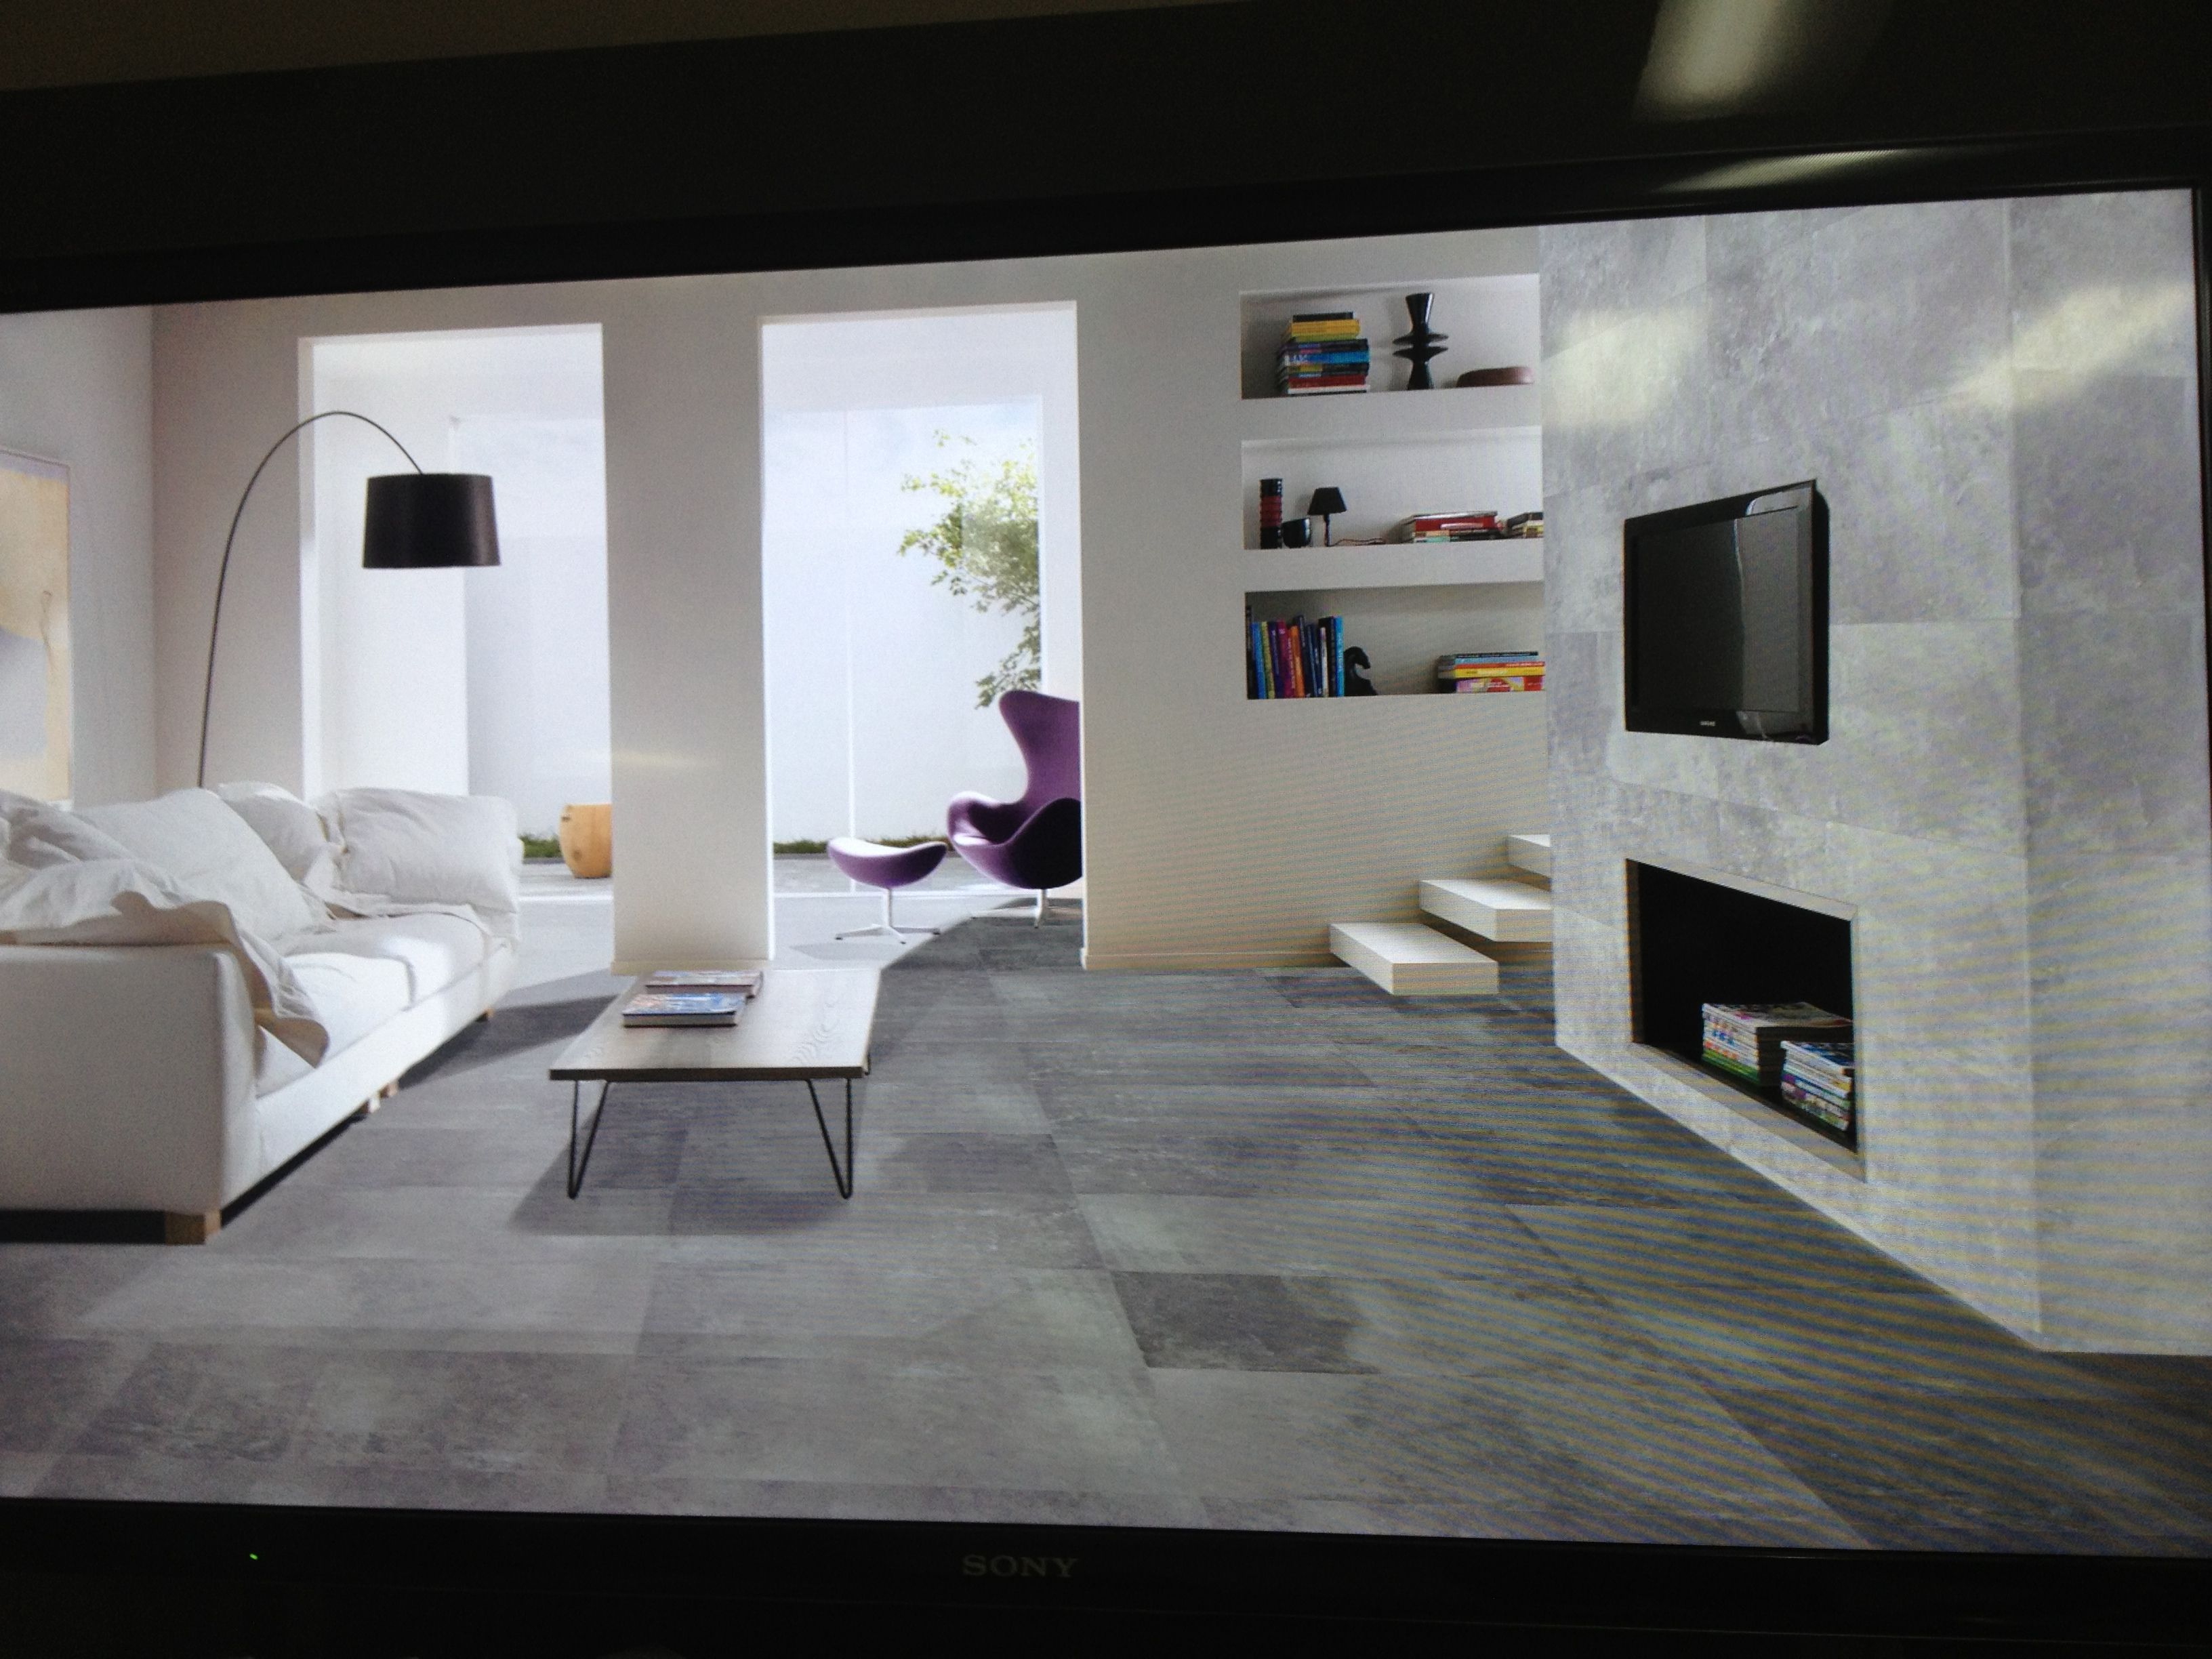 Concrete join lappato floor tile Beaumont tiles Concrete